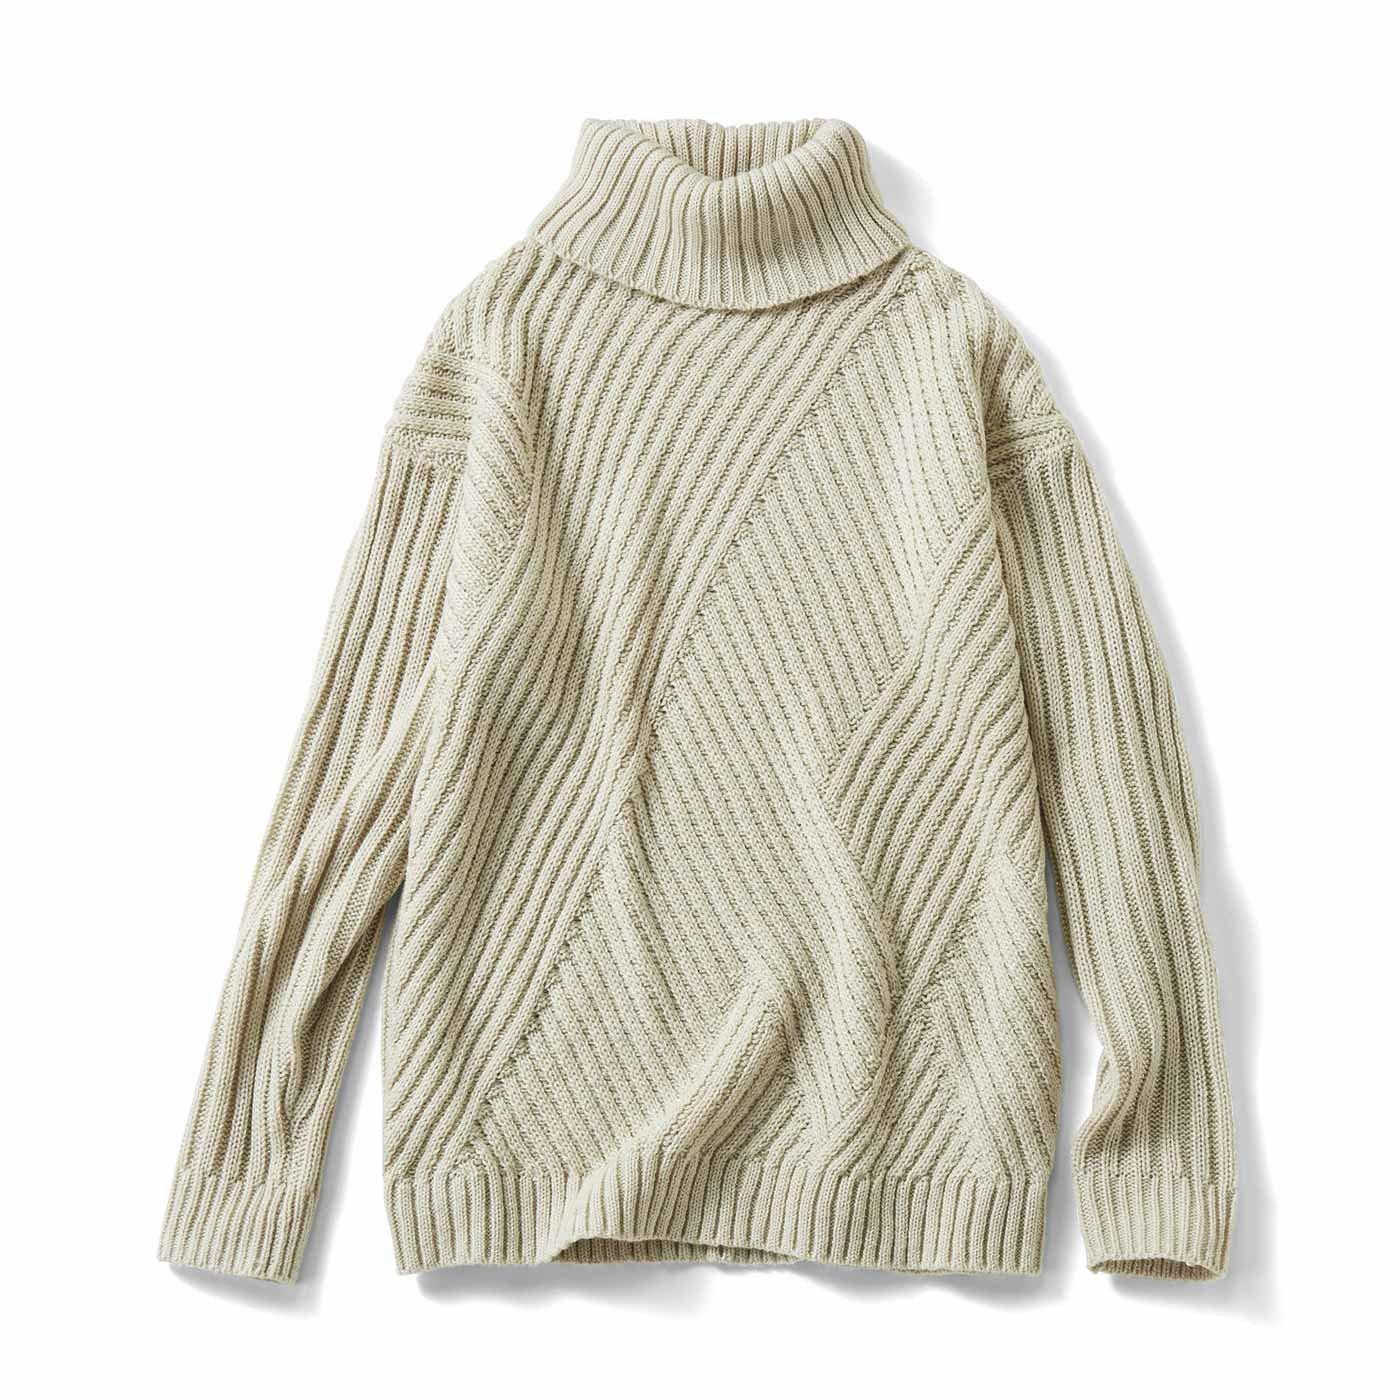 IEDIT[イディット] 斜め編み地切り替えでスッキリ見え 華やかラメタートルニット〈ベージュ〉